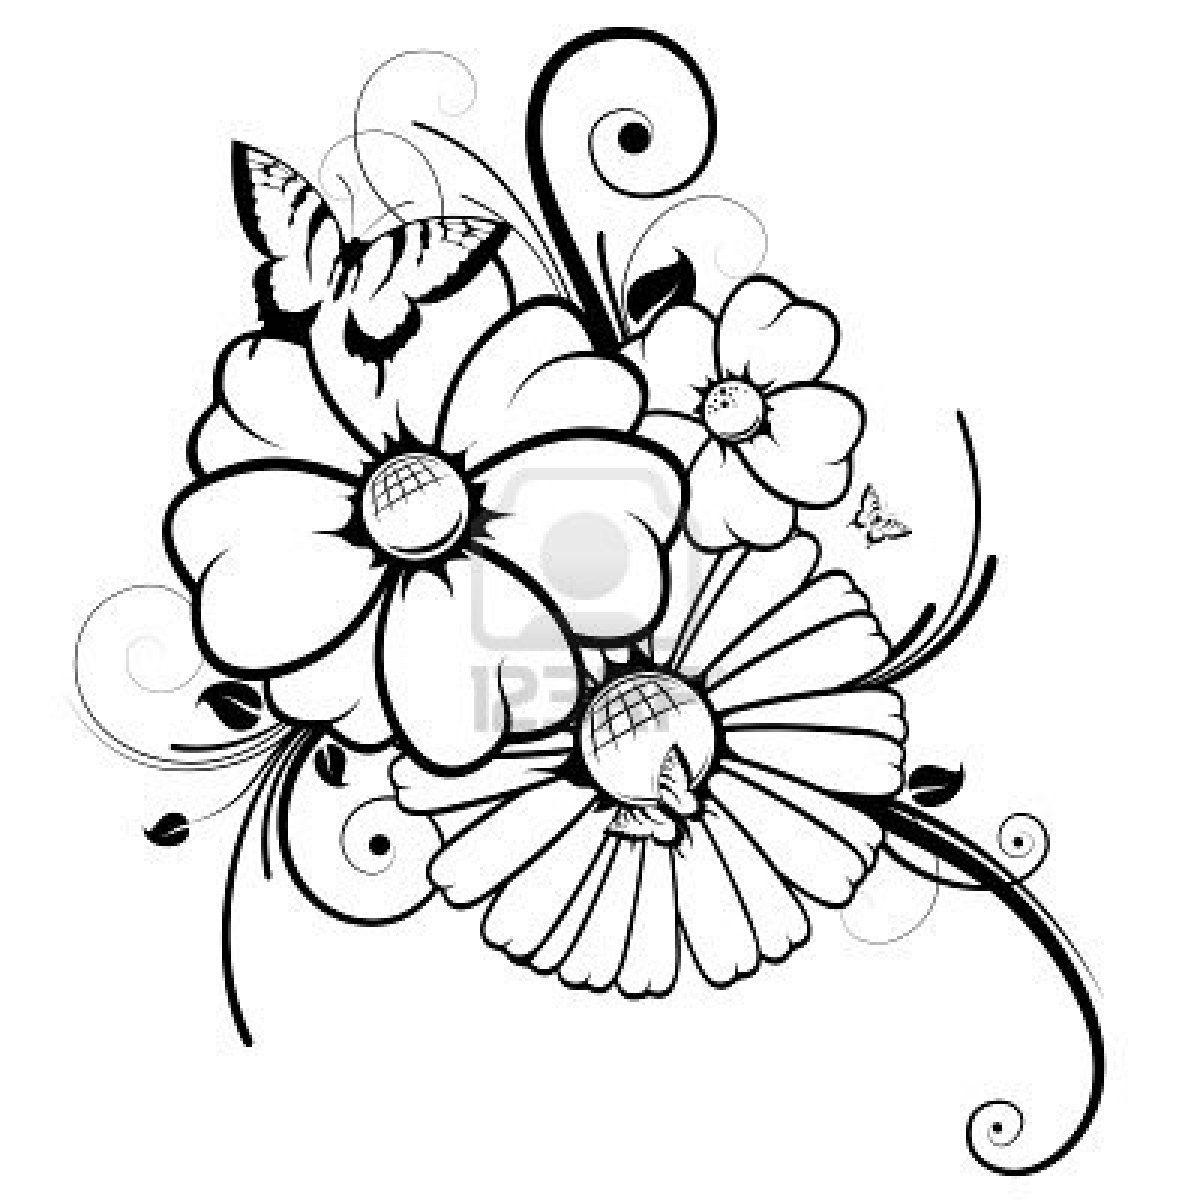 Dibujos de flores | ... coloreando este dibujo de Flores | Fondos de ...